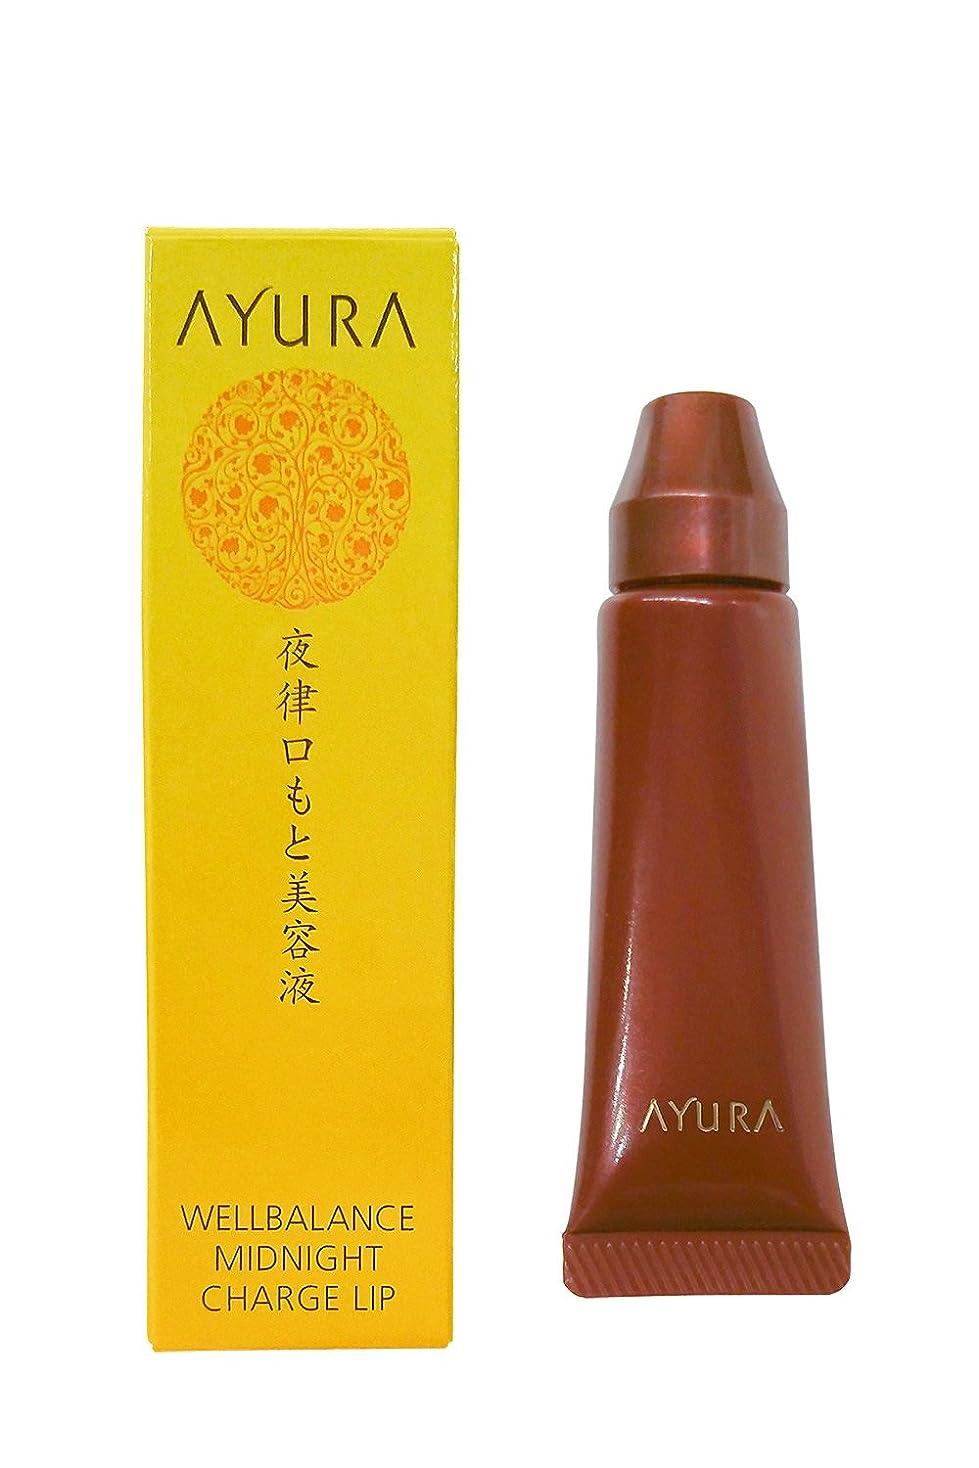 太いスカープイタリアのアユーラ (AYURA) ウェルバランス ミッドナイトチャージリップ 10g 〈唇 口もと用 美容液〉